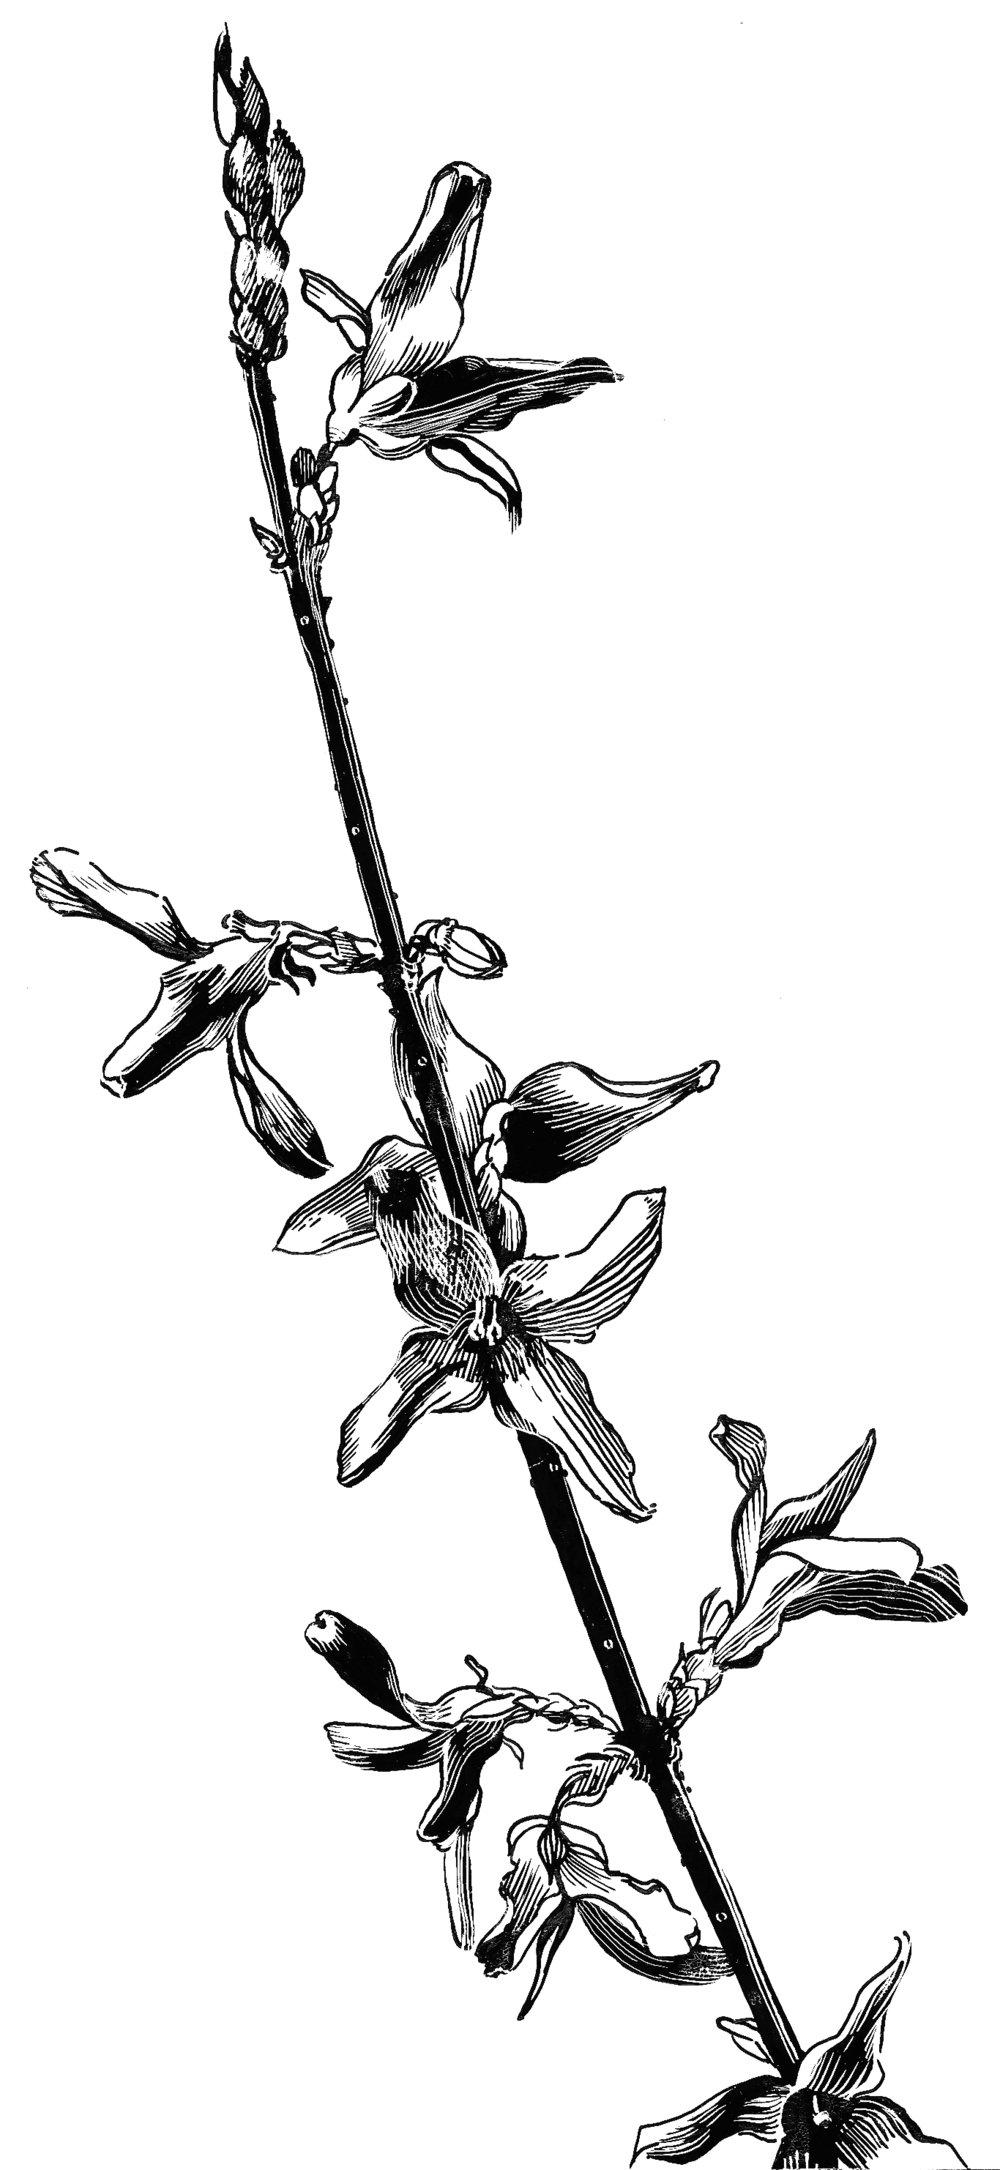 Patti King Slavtcheff_Black and White Illustration_Forsythia